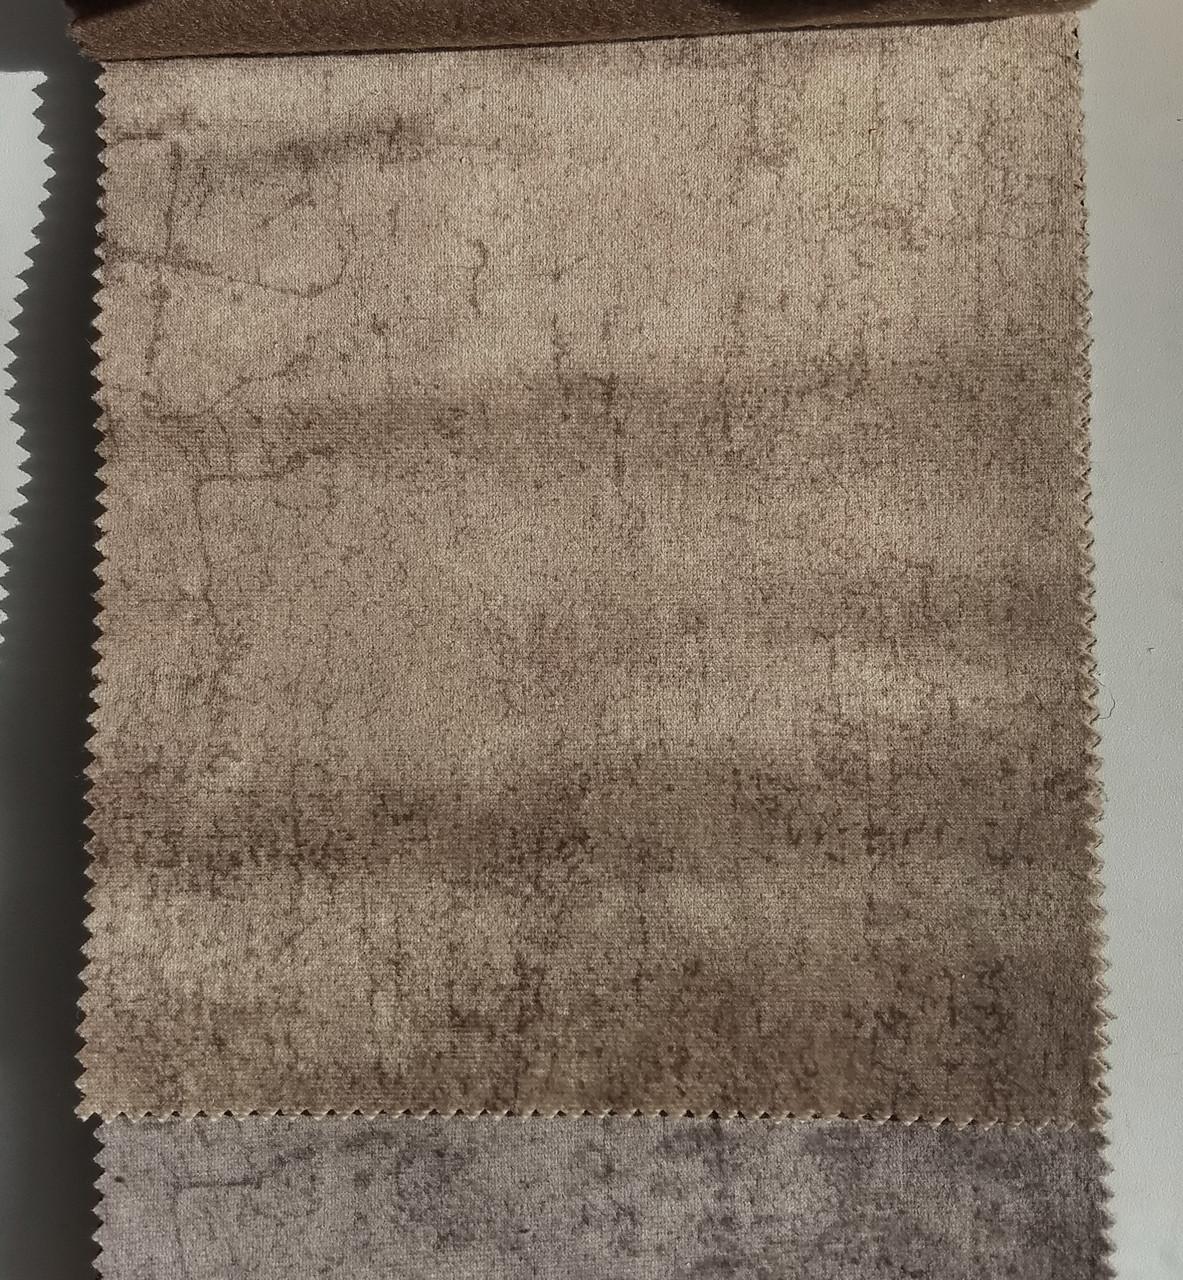 Обивочная влагоотталкивающая ткань Тесла 03 ( TESLA 03 )